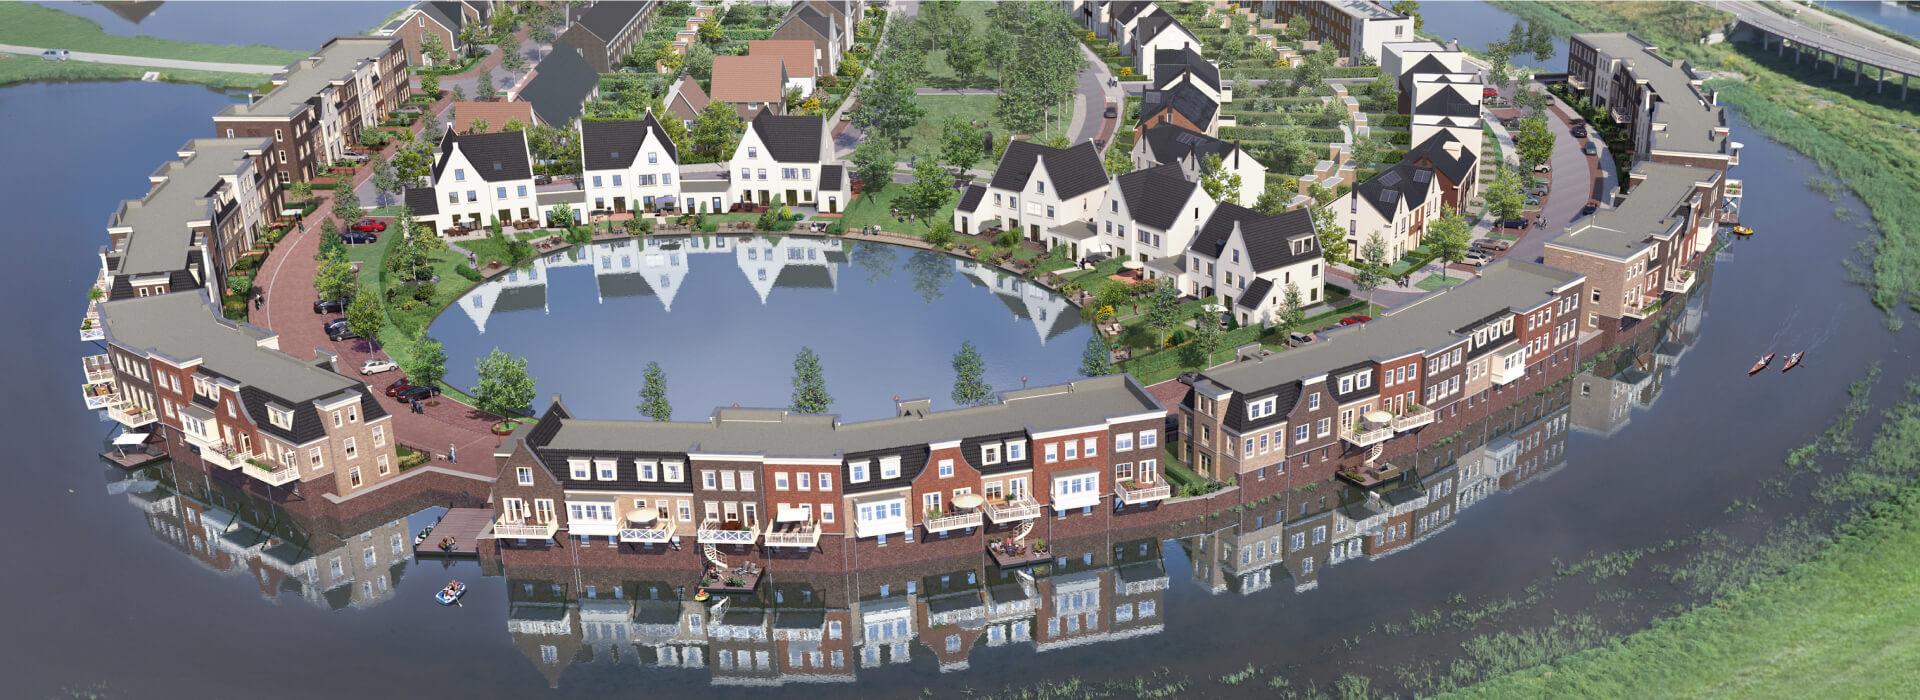 Wonen in Westergouwe Aan de nieuwe Stadskade